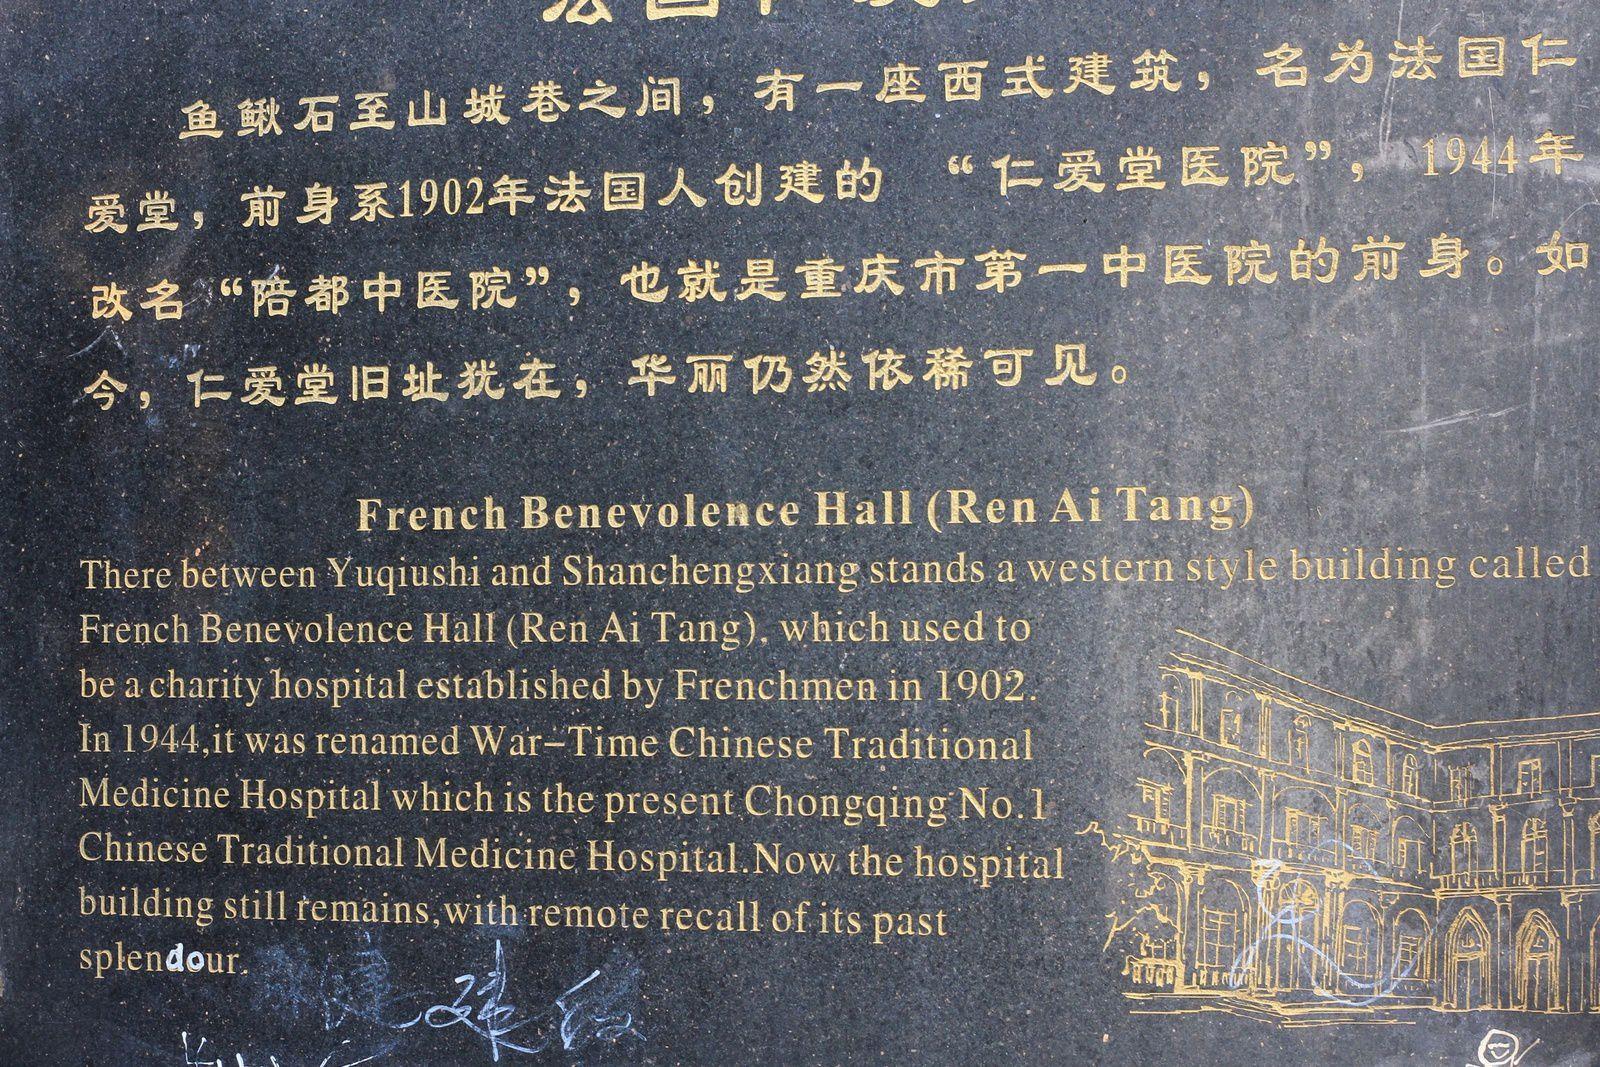 Le quartier historique de qixinggang (七星岗).